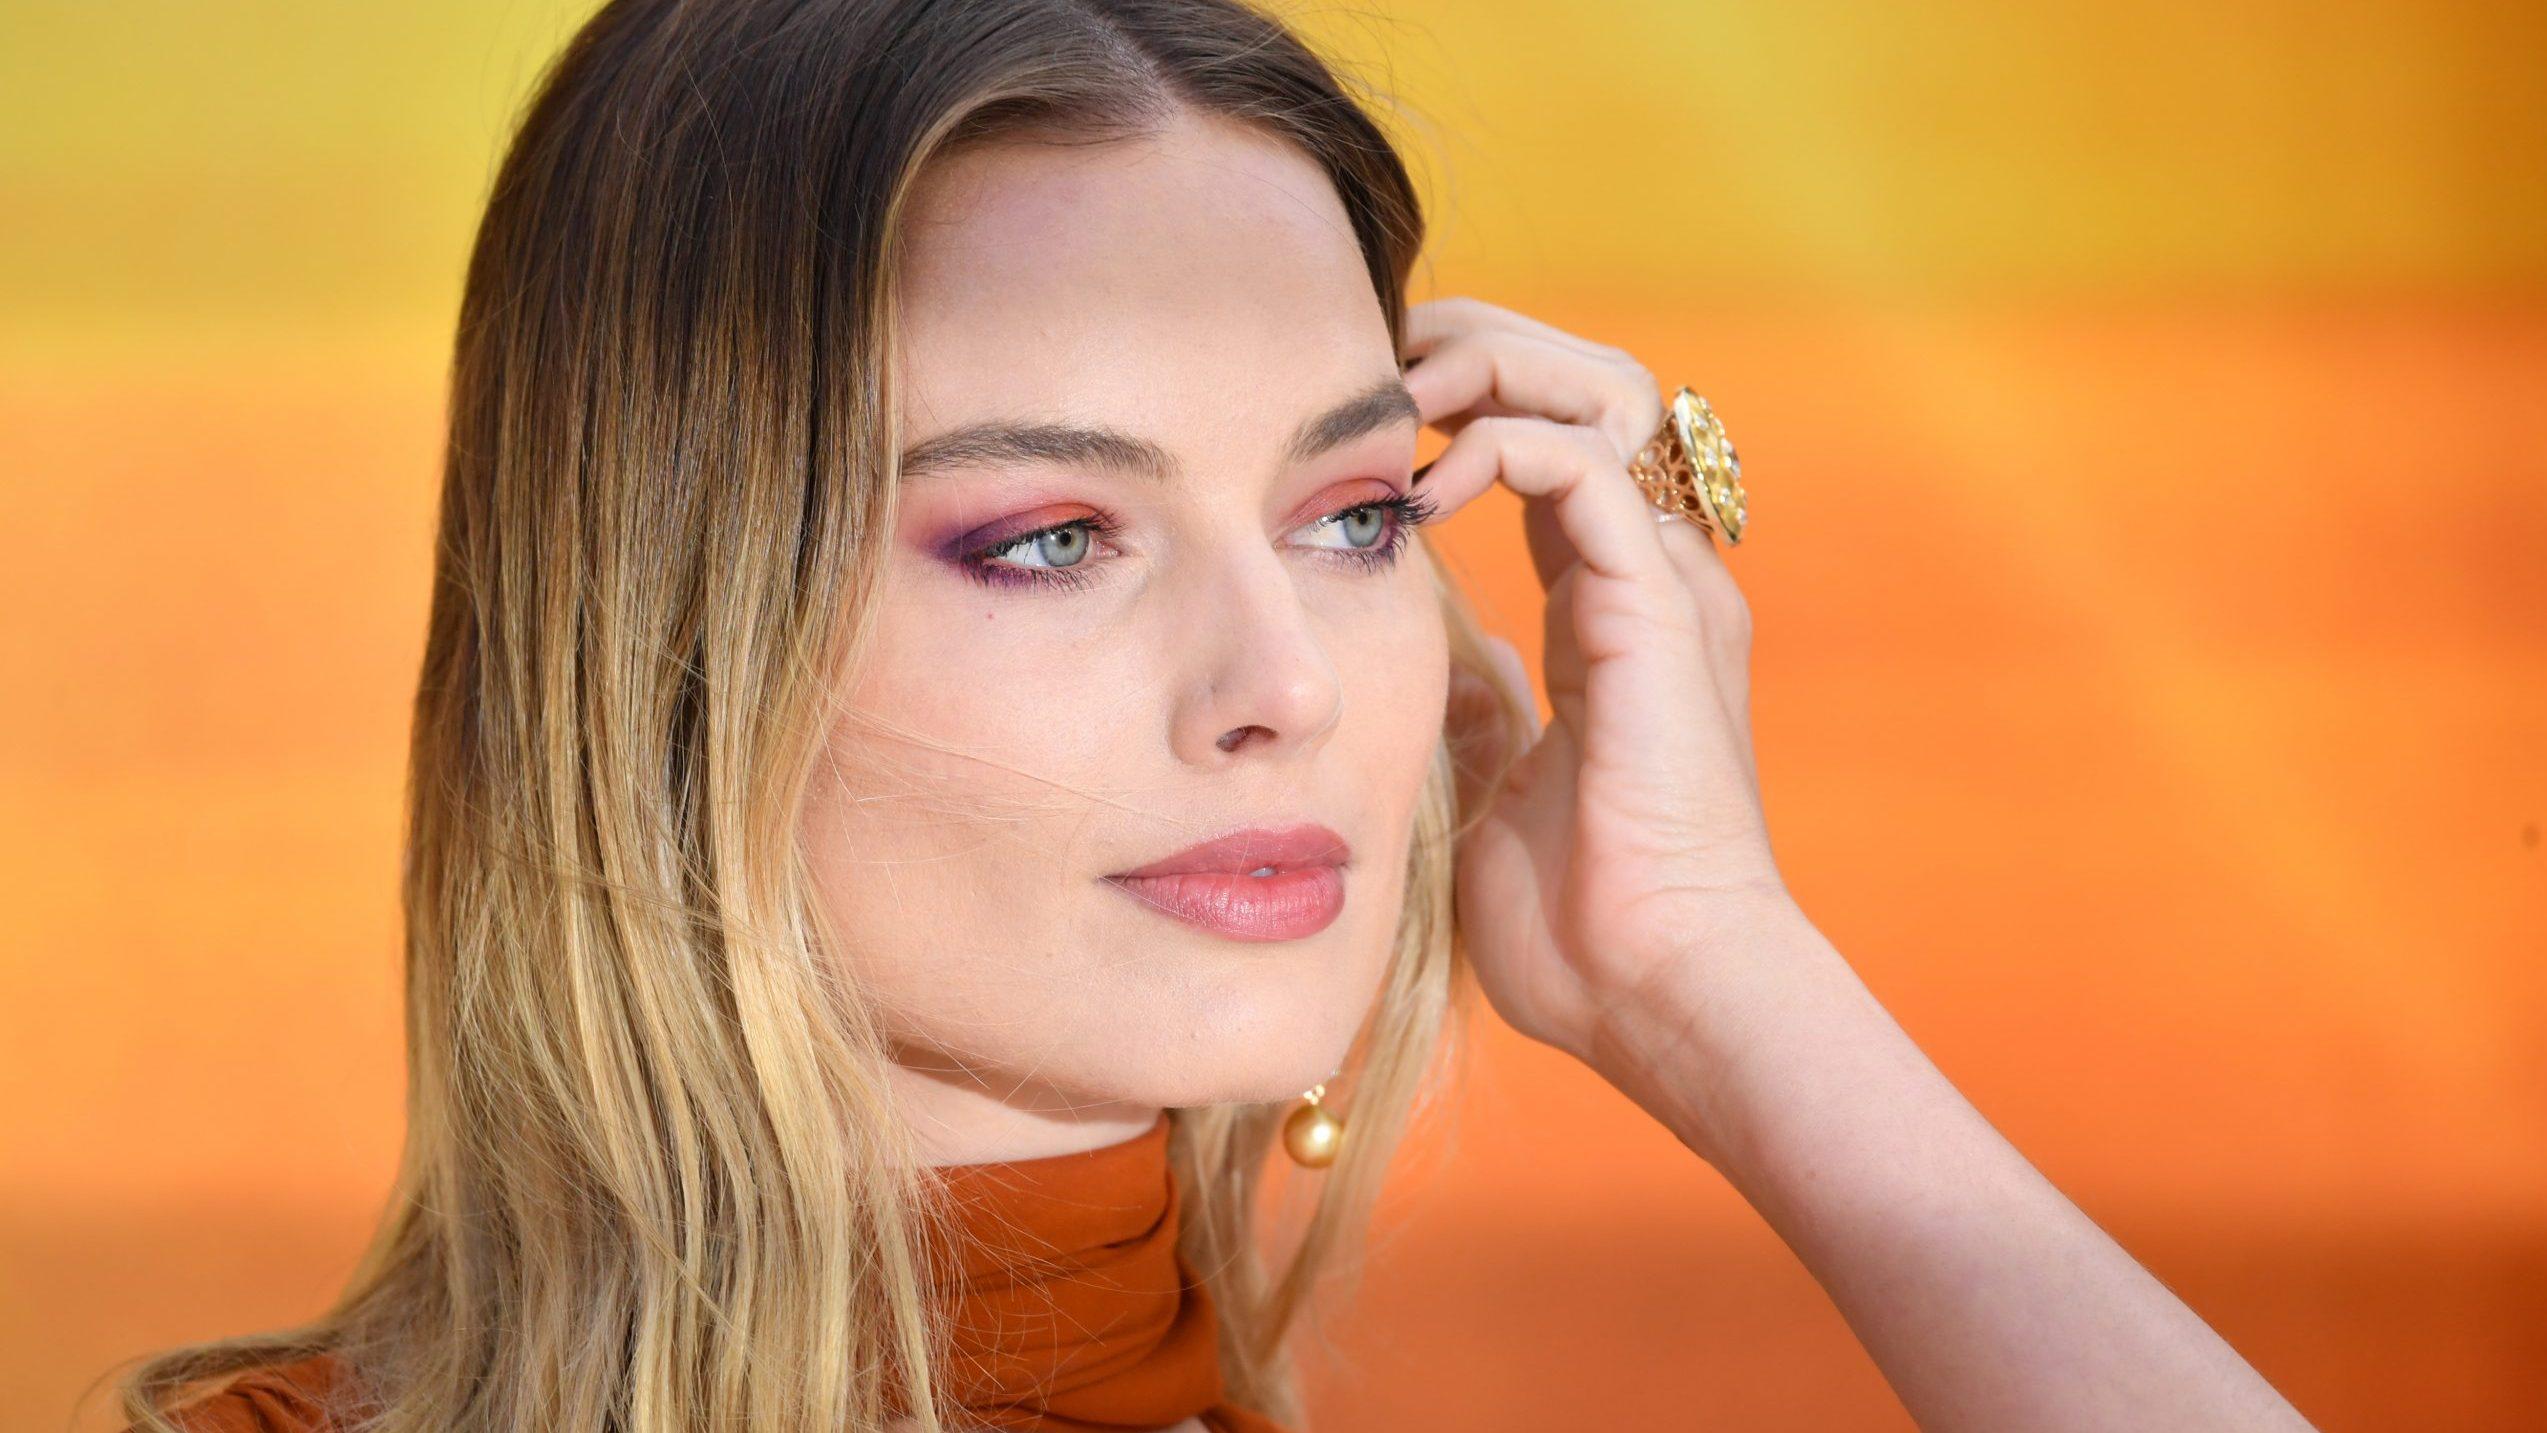 El secreto de belleza de Margot Robbie/Foto: Getty Images.